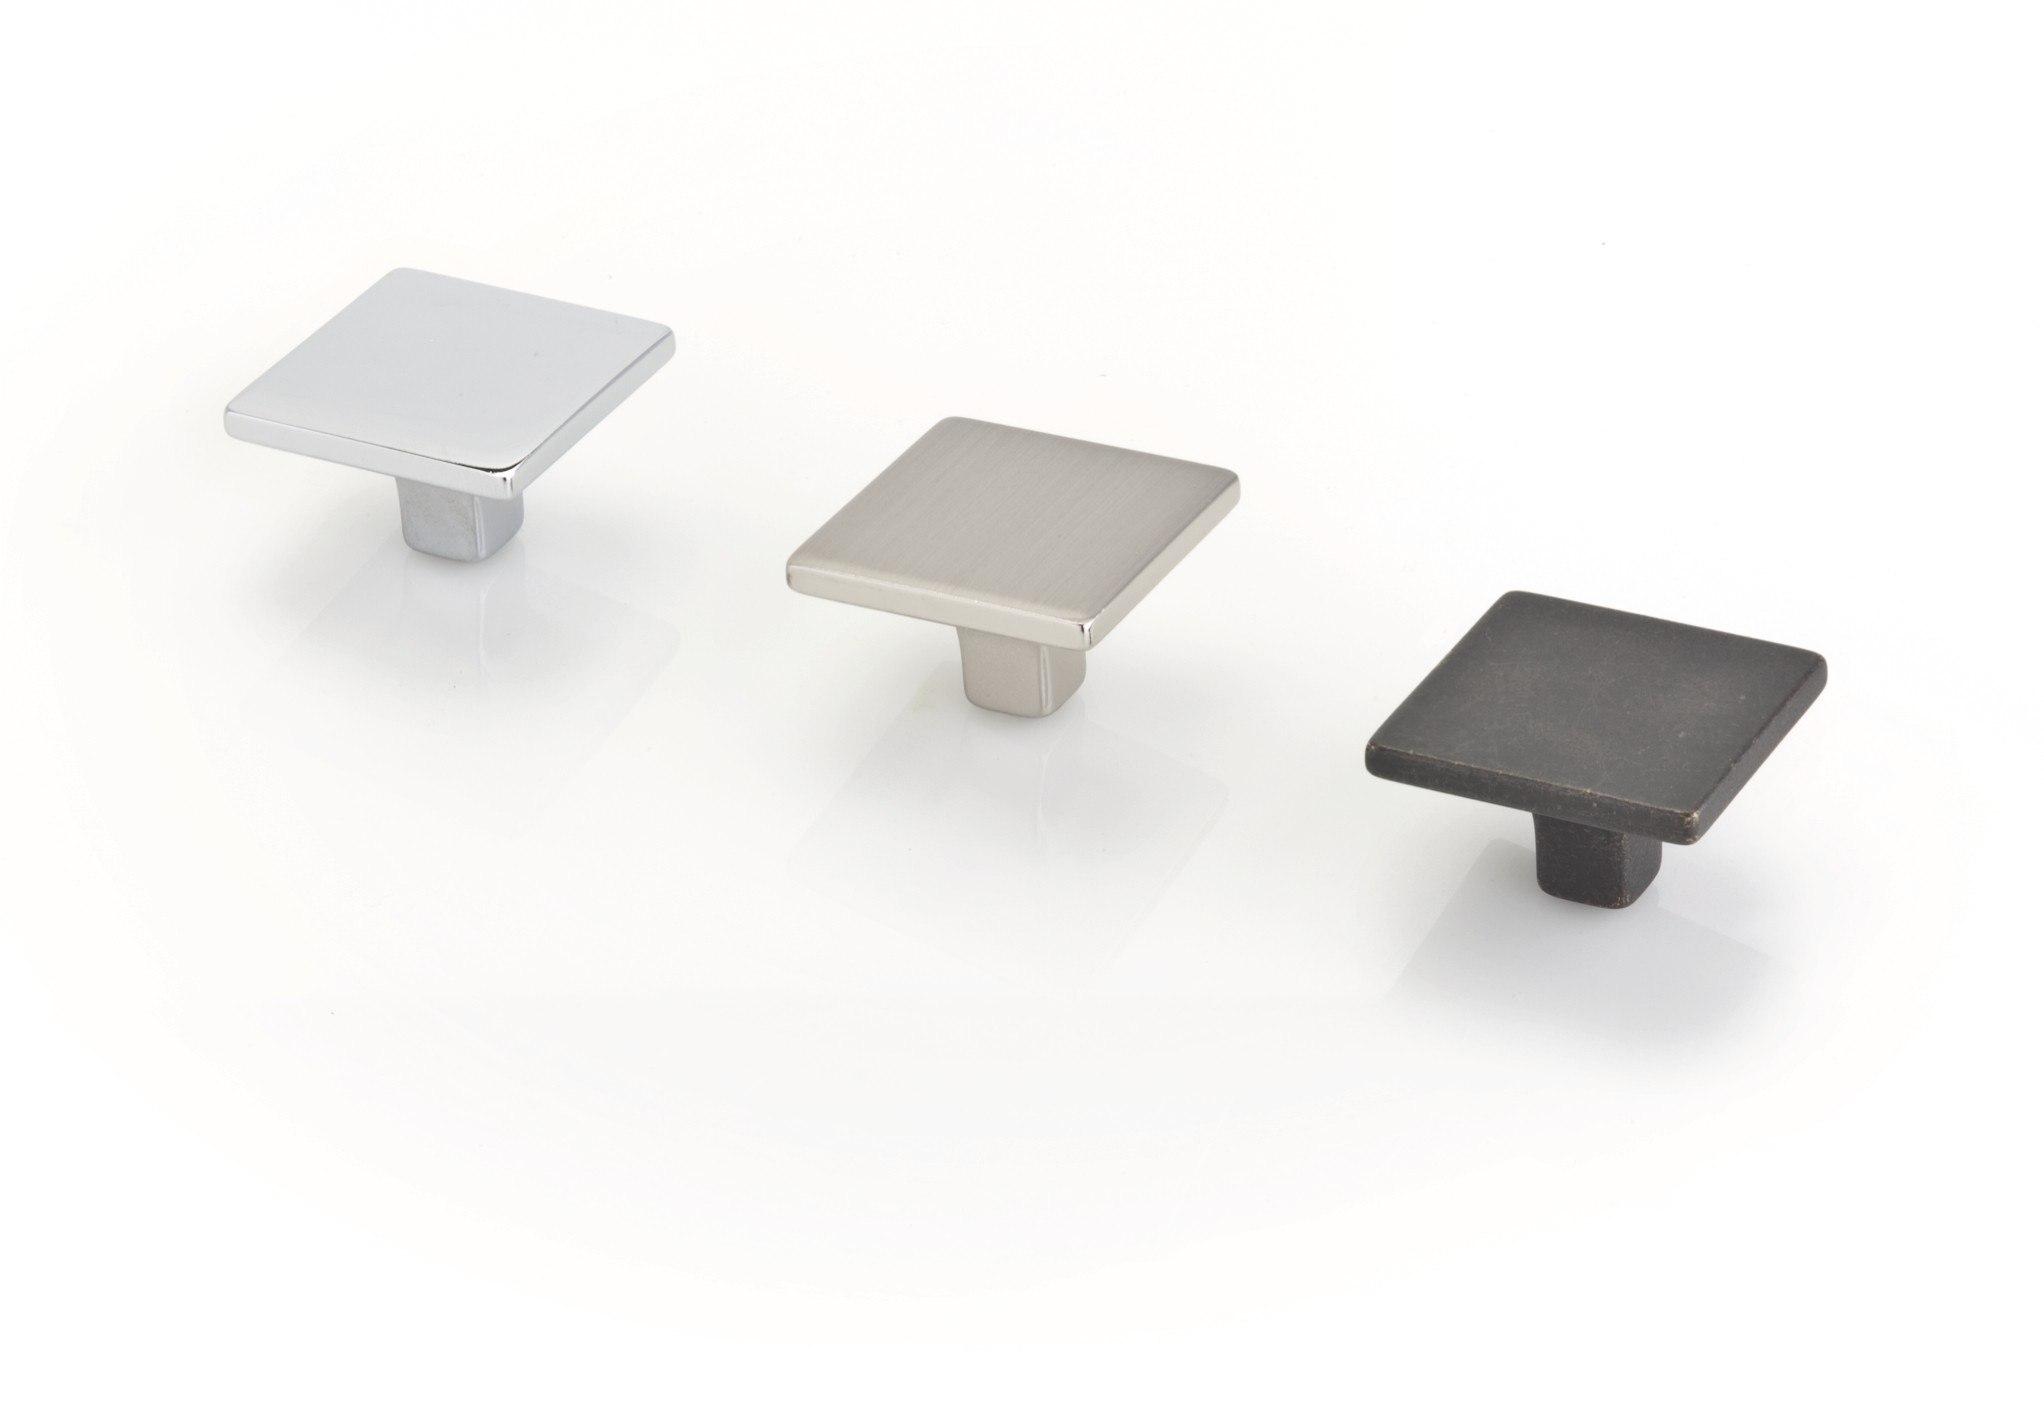 Topex 1081735C34 Small Square Knob 1 3/8 Inches Satin Nickel